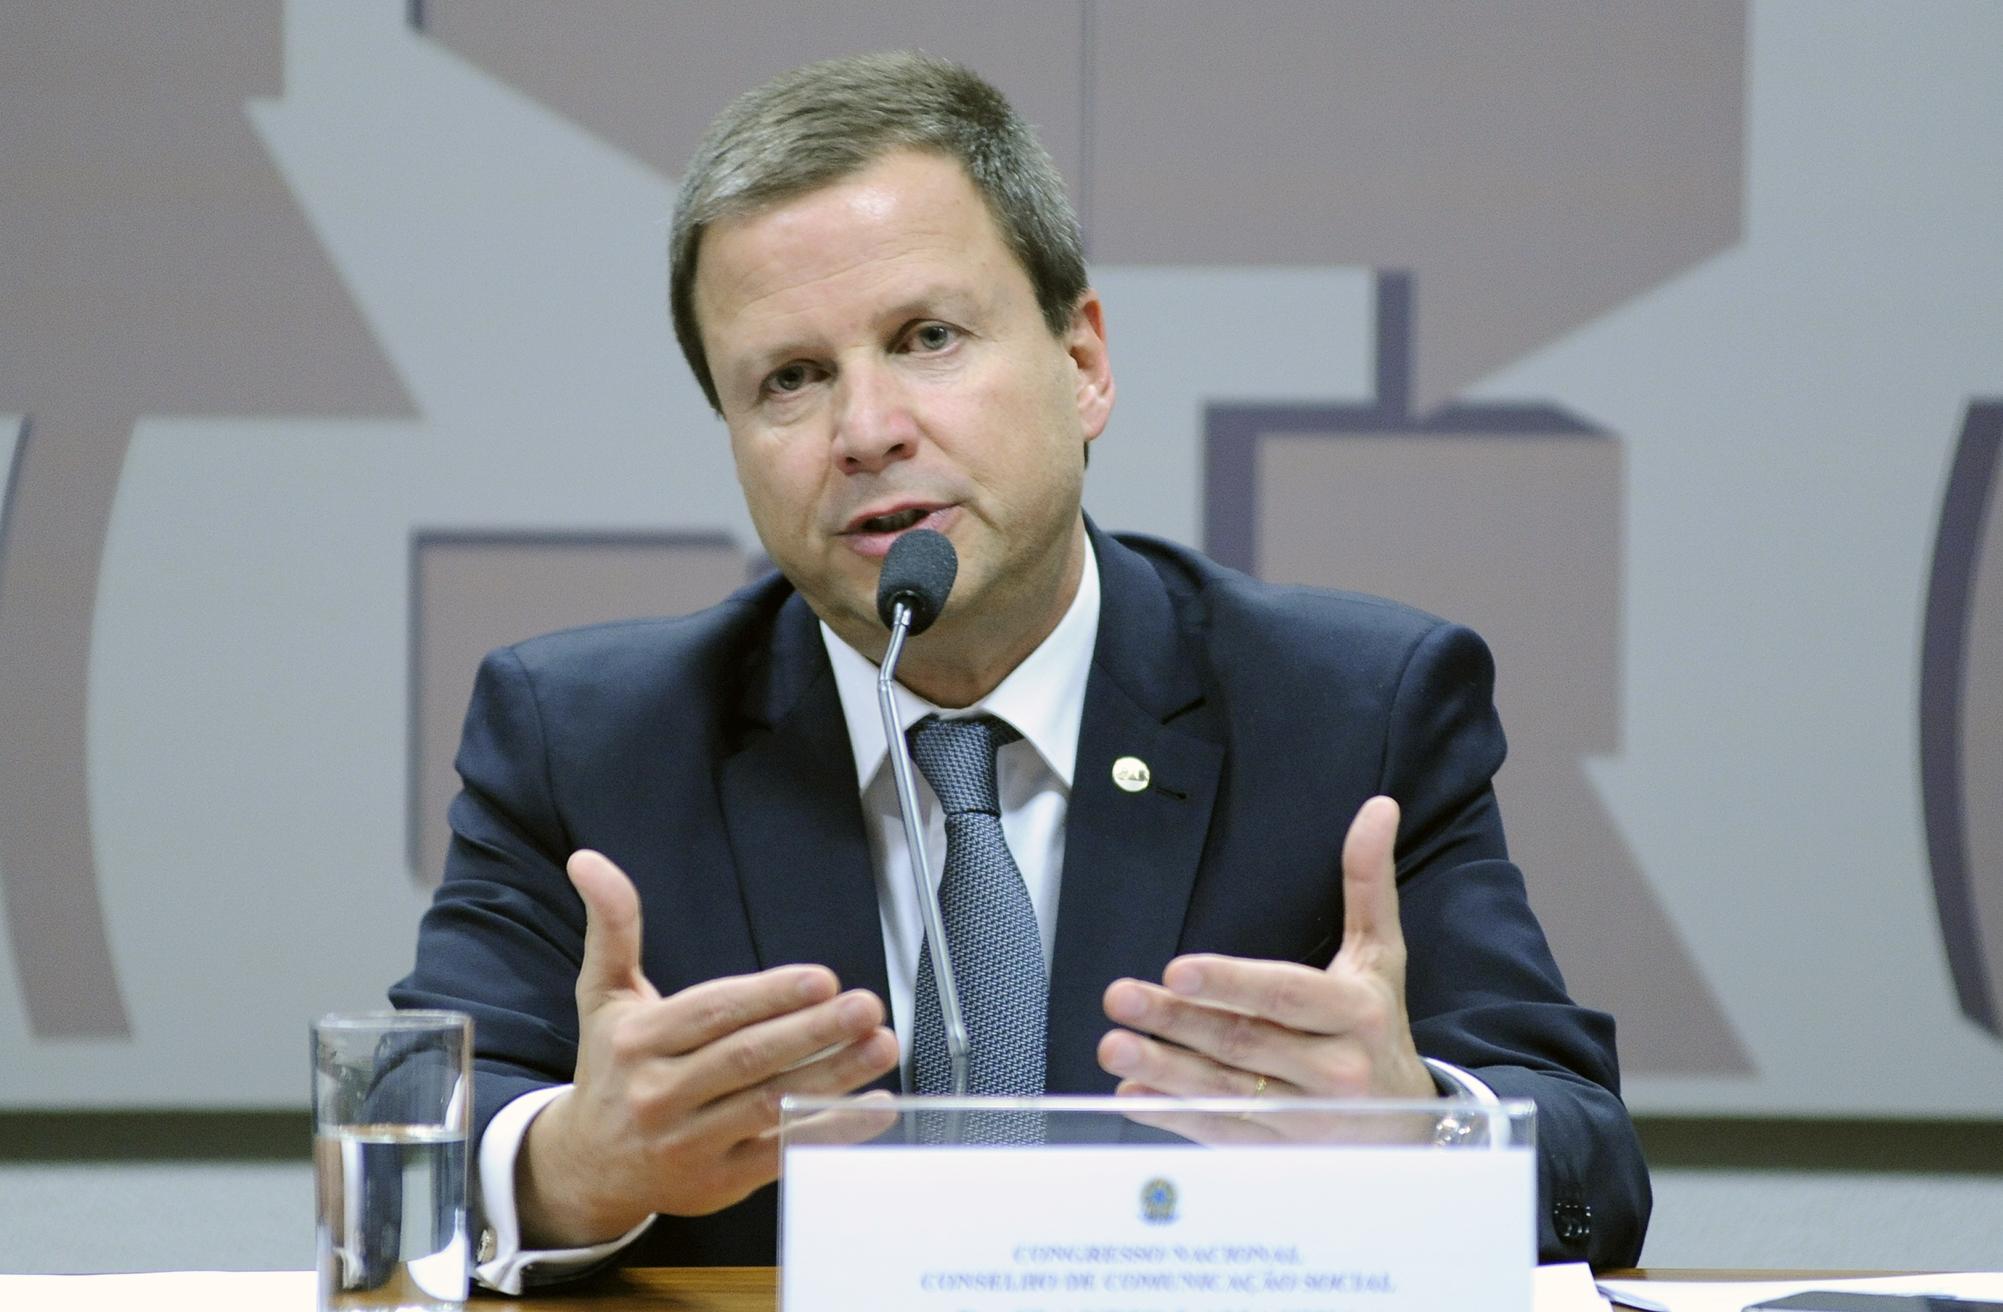 Reunião Ordinária. Presidente do Conselho Federal da OAB, Claudio Lamachia